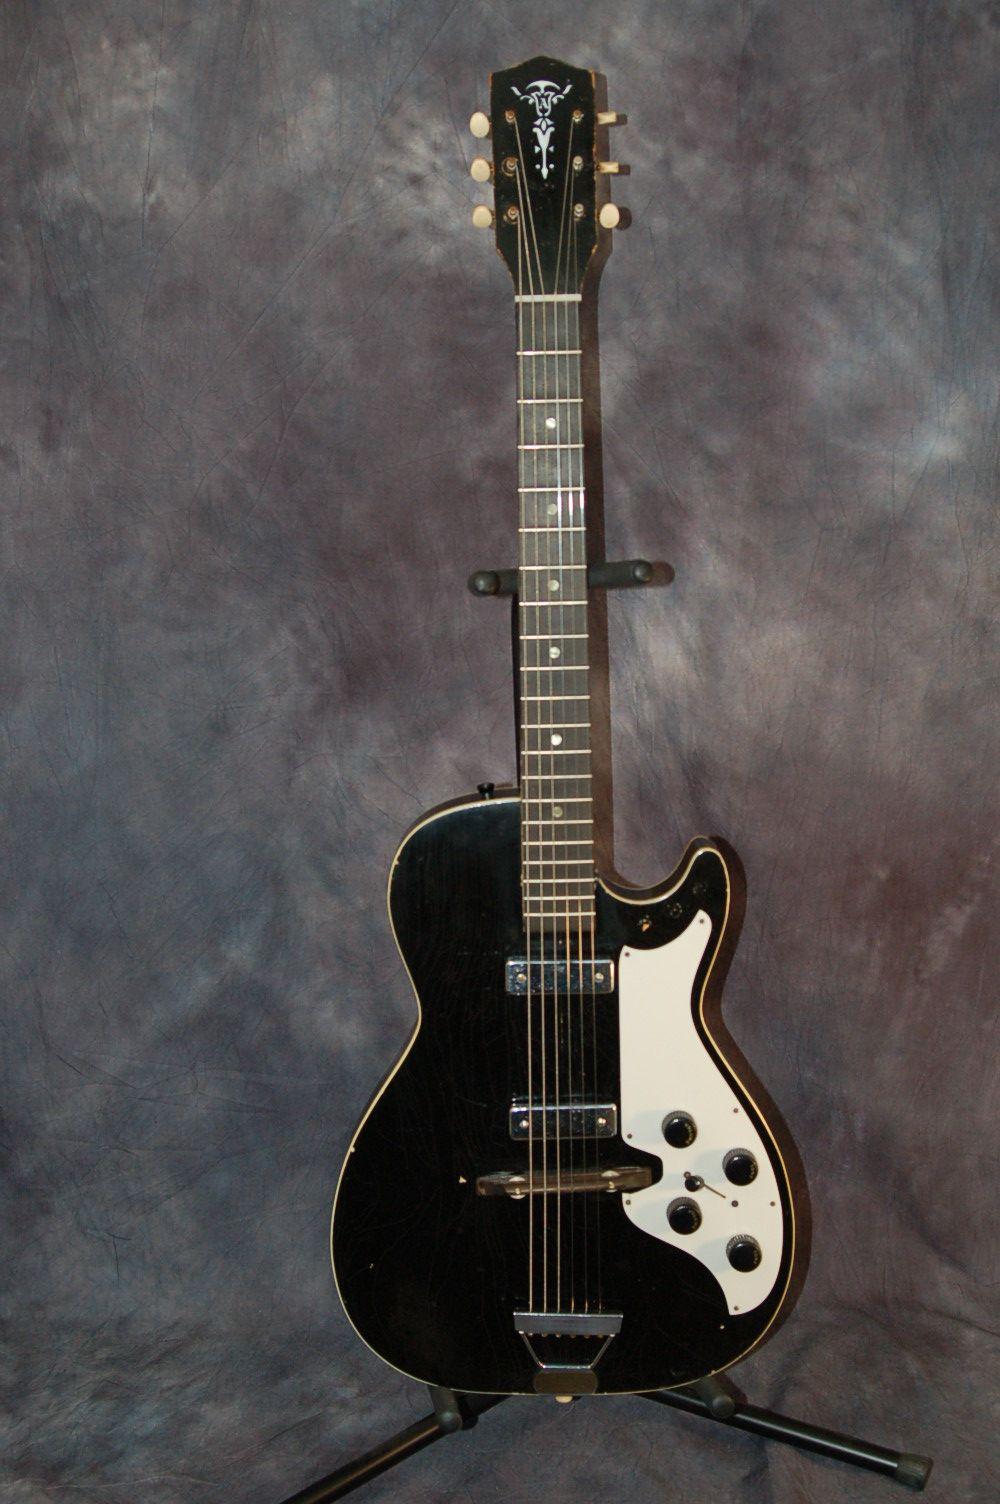 1963 Harmony Made Stratotone With Aldens Brand Logo Vintage Guitars Guitar Logo Guitar